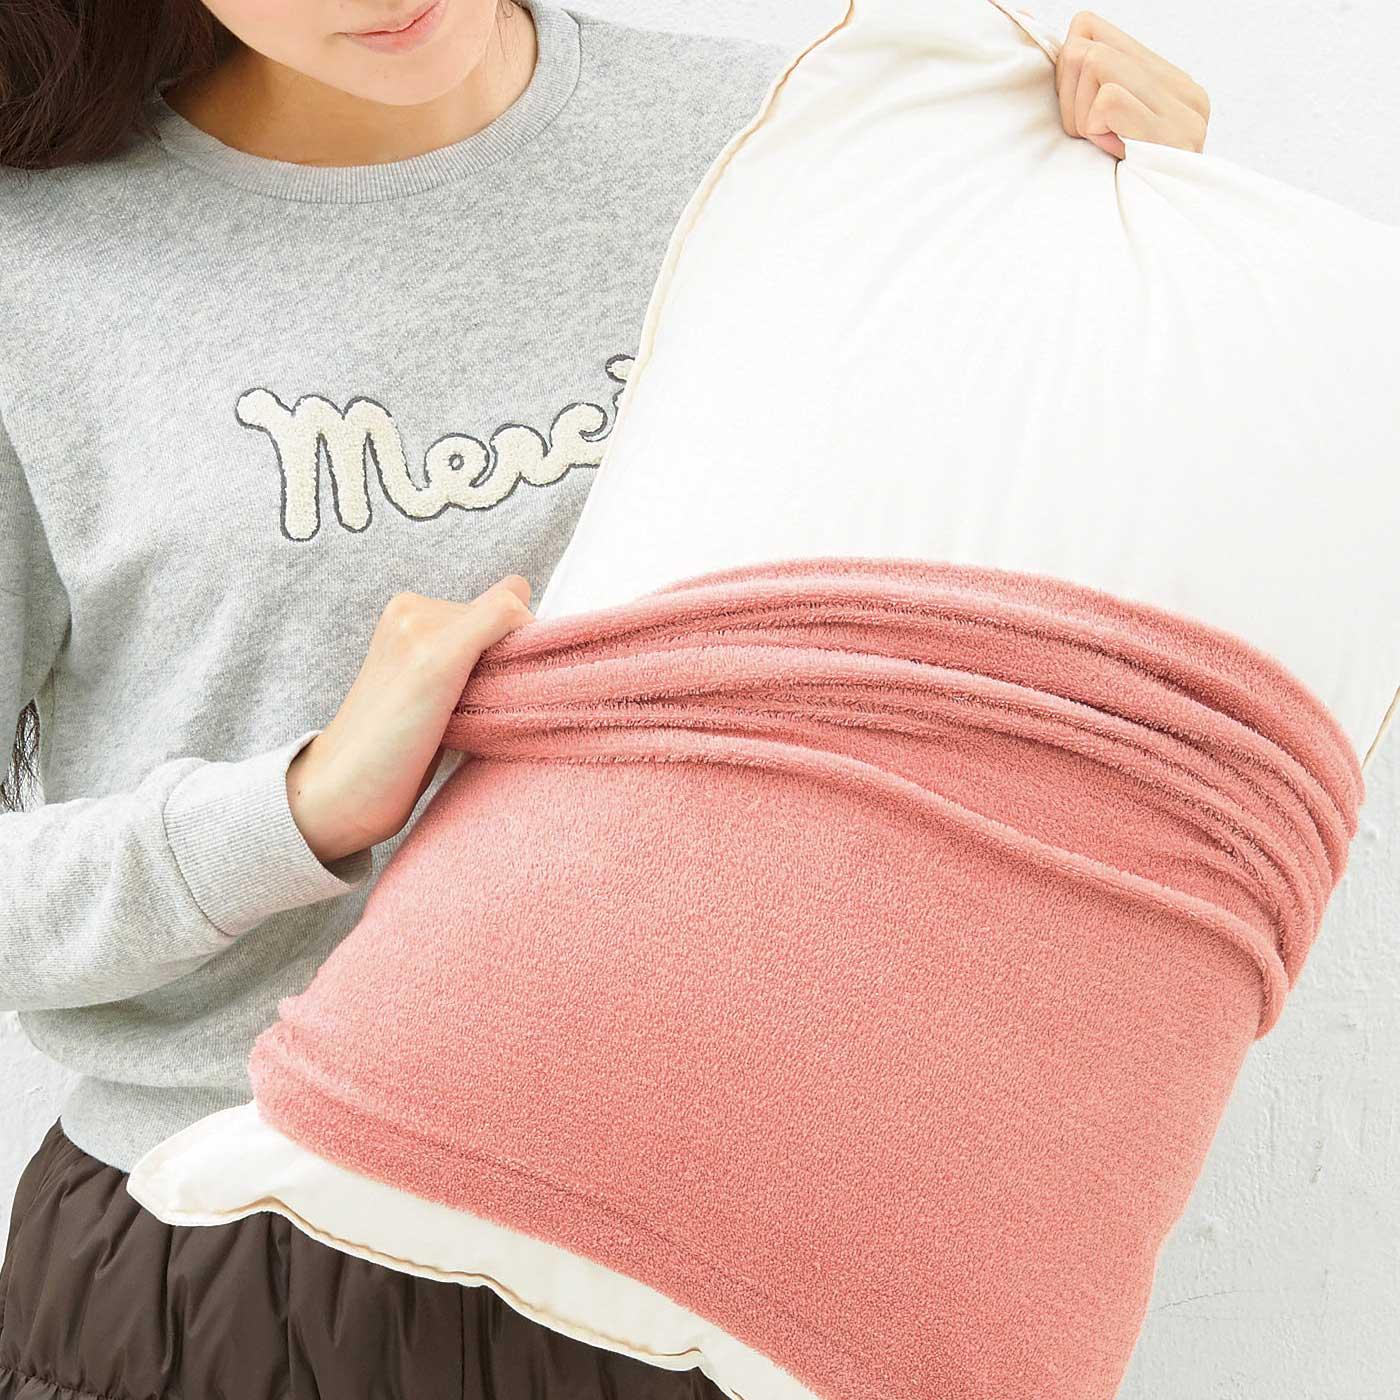 伸縮性にすぐれた生地を使用して、付け外しを簡単に。ぐ~んと伸びていろいろなサイズの枕にフィットします。